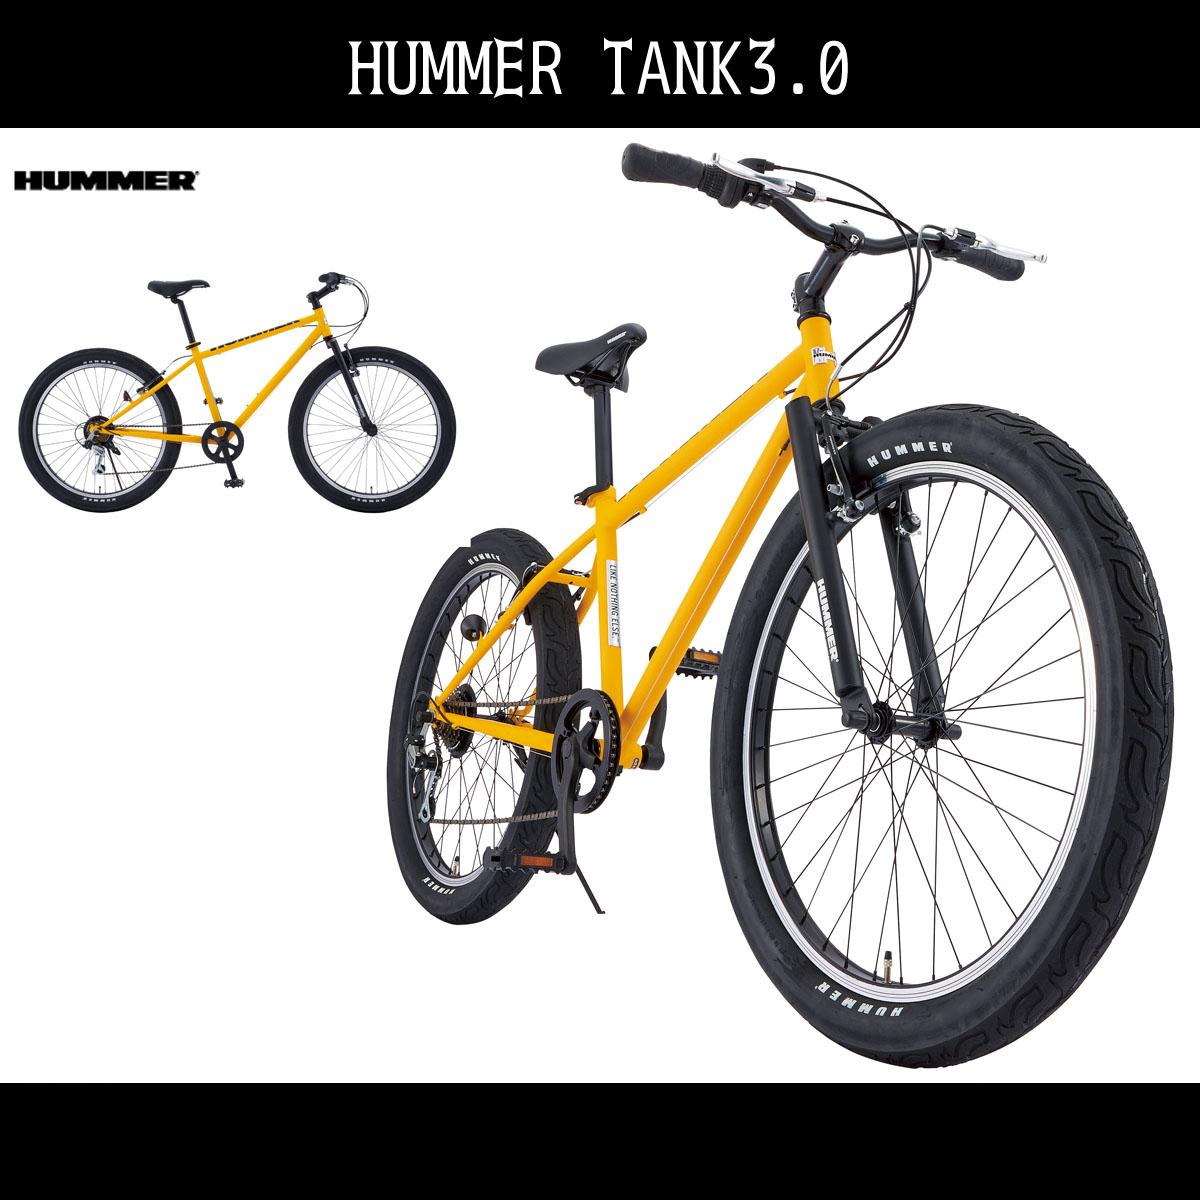 マウンテンバイク ハマー HUMMER 自転車 自転車 イエロー 黄色26インチ マウンテンバイク ハマー 外装6段変速ギア ハマー 自転車 TANK3.0 変速付き 通販 おしゃれ